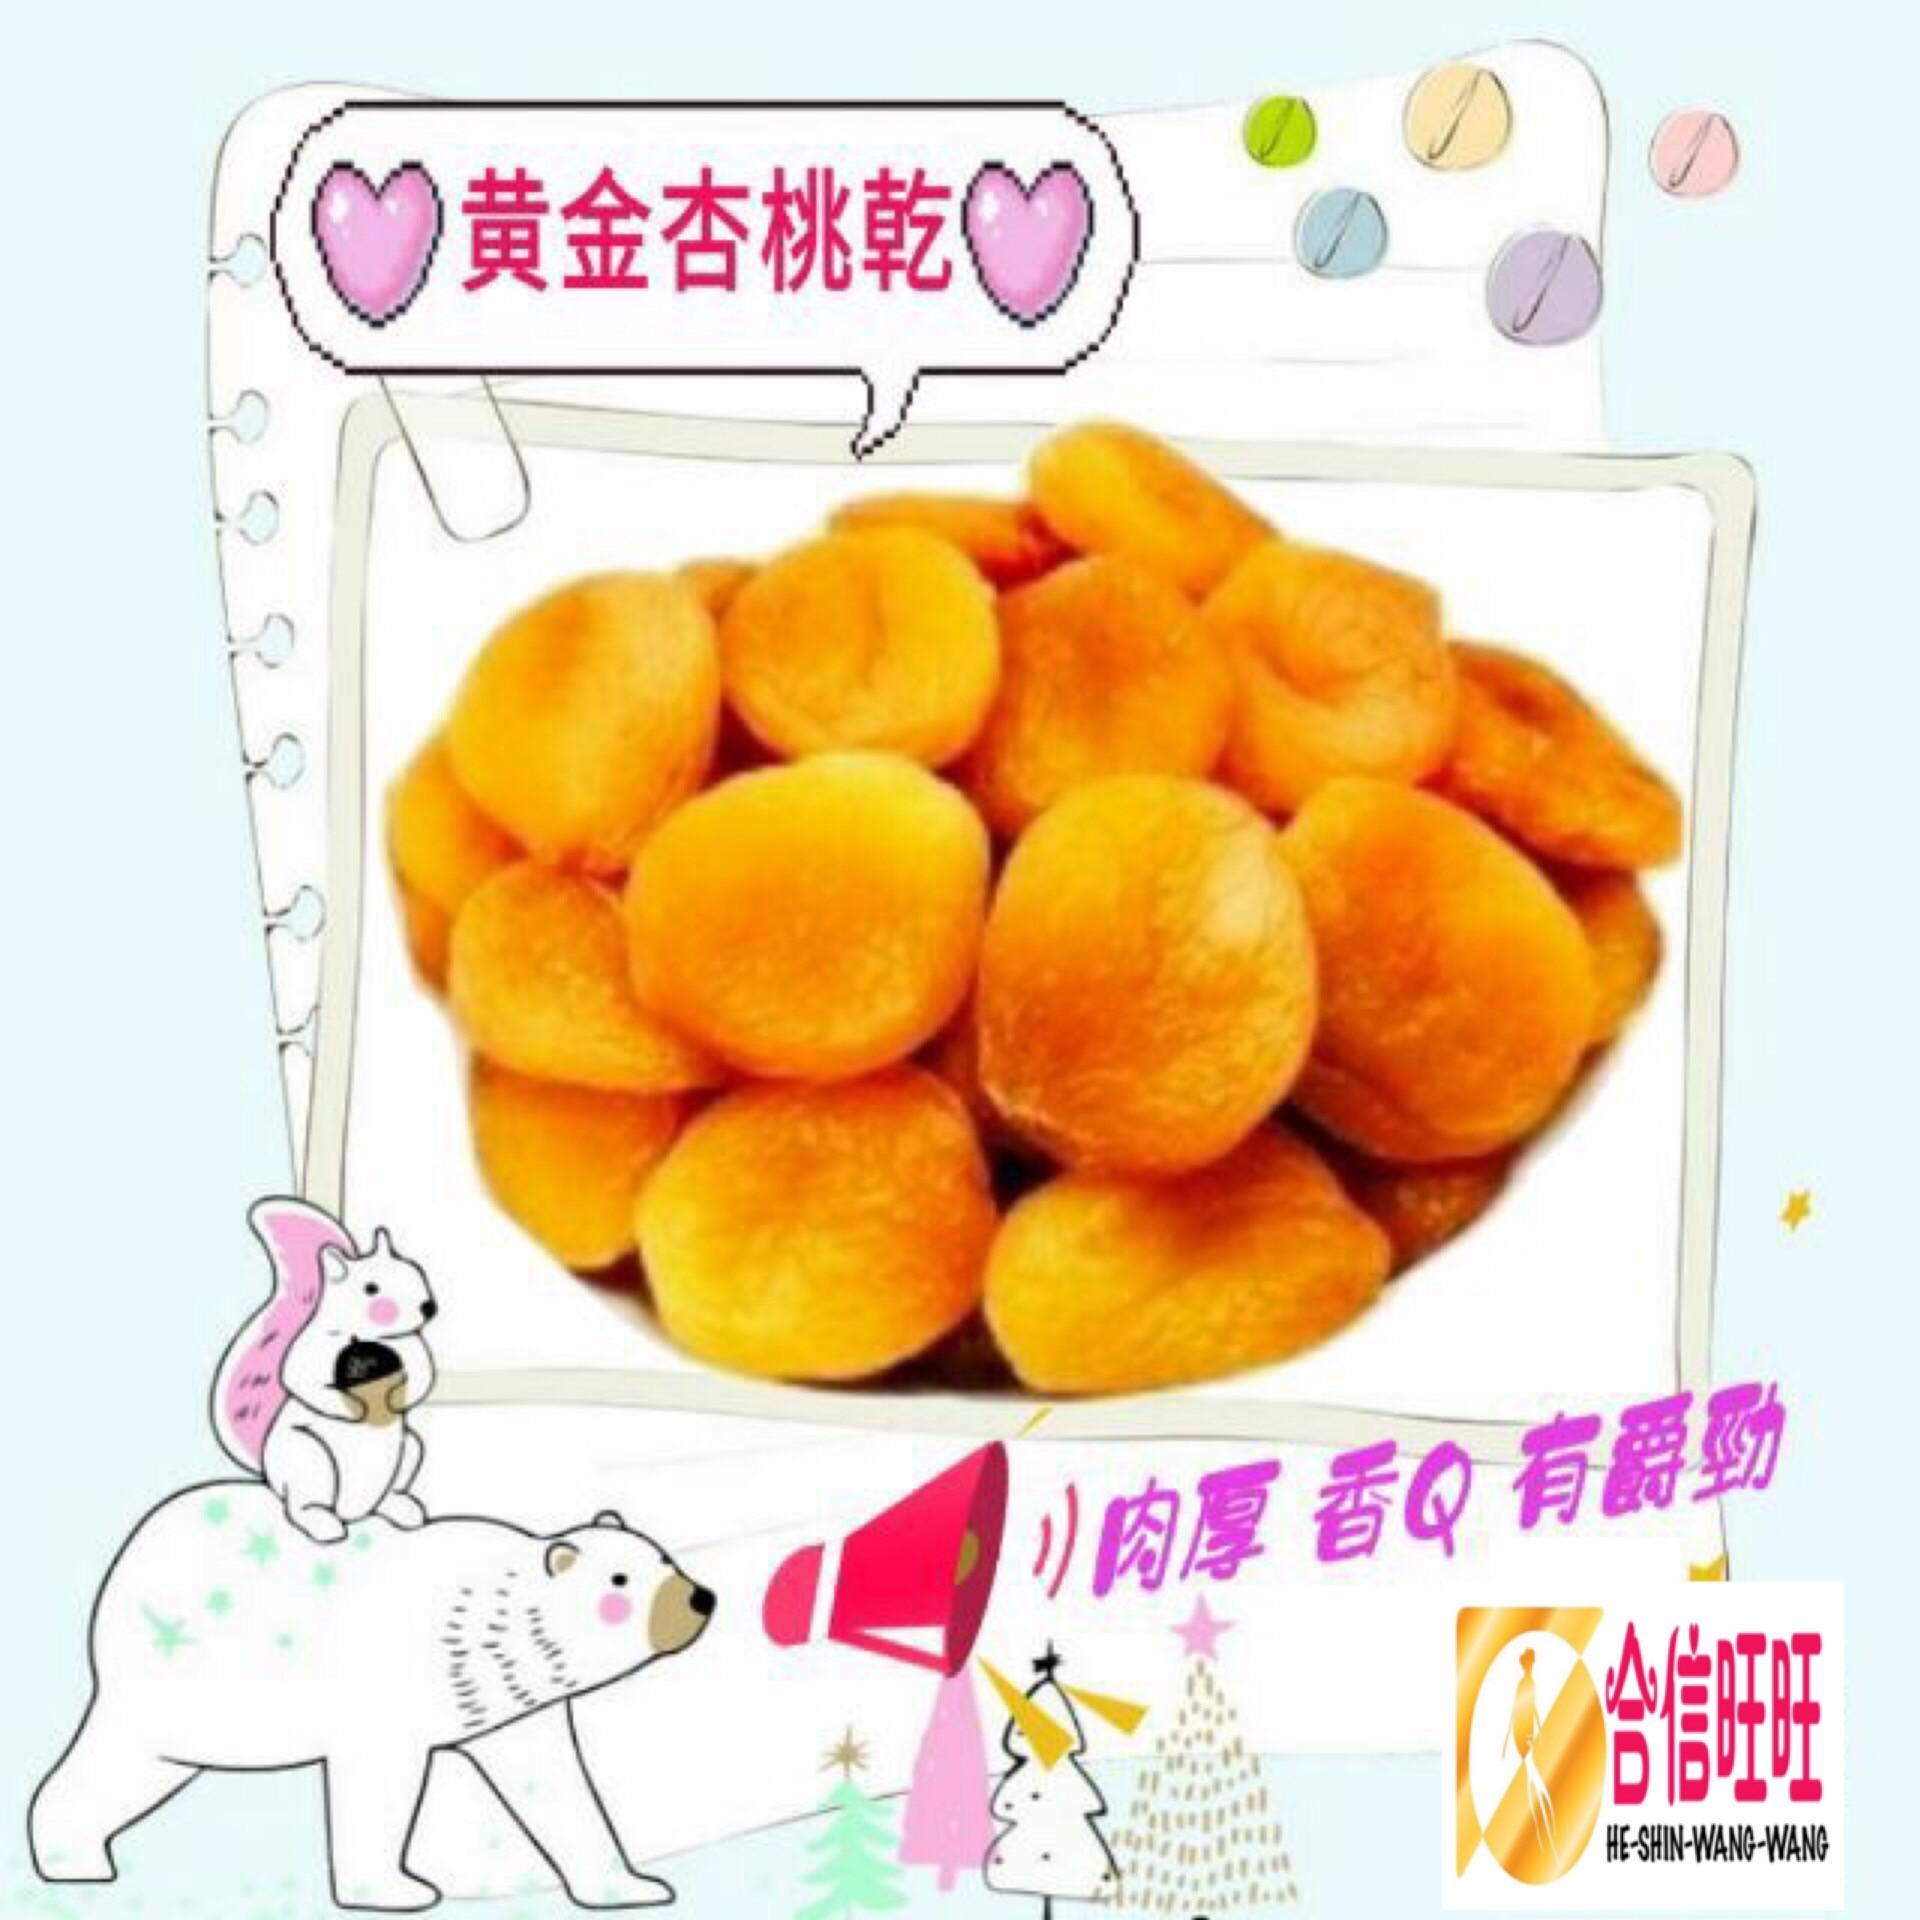 【黃金杏桃乾】300g/果肉柔軟 香Q 有嚼勁